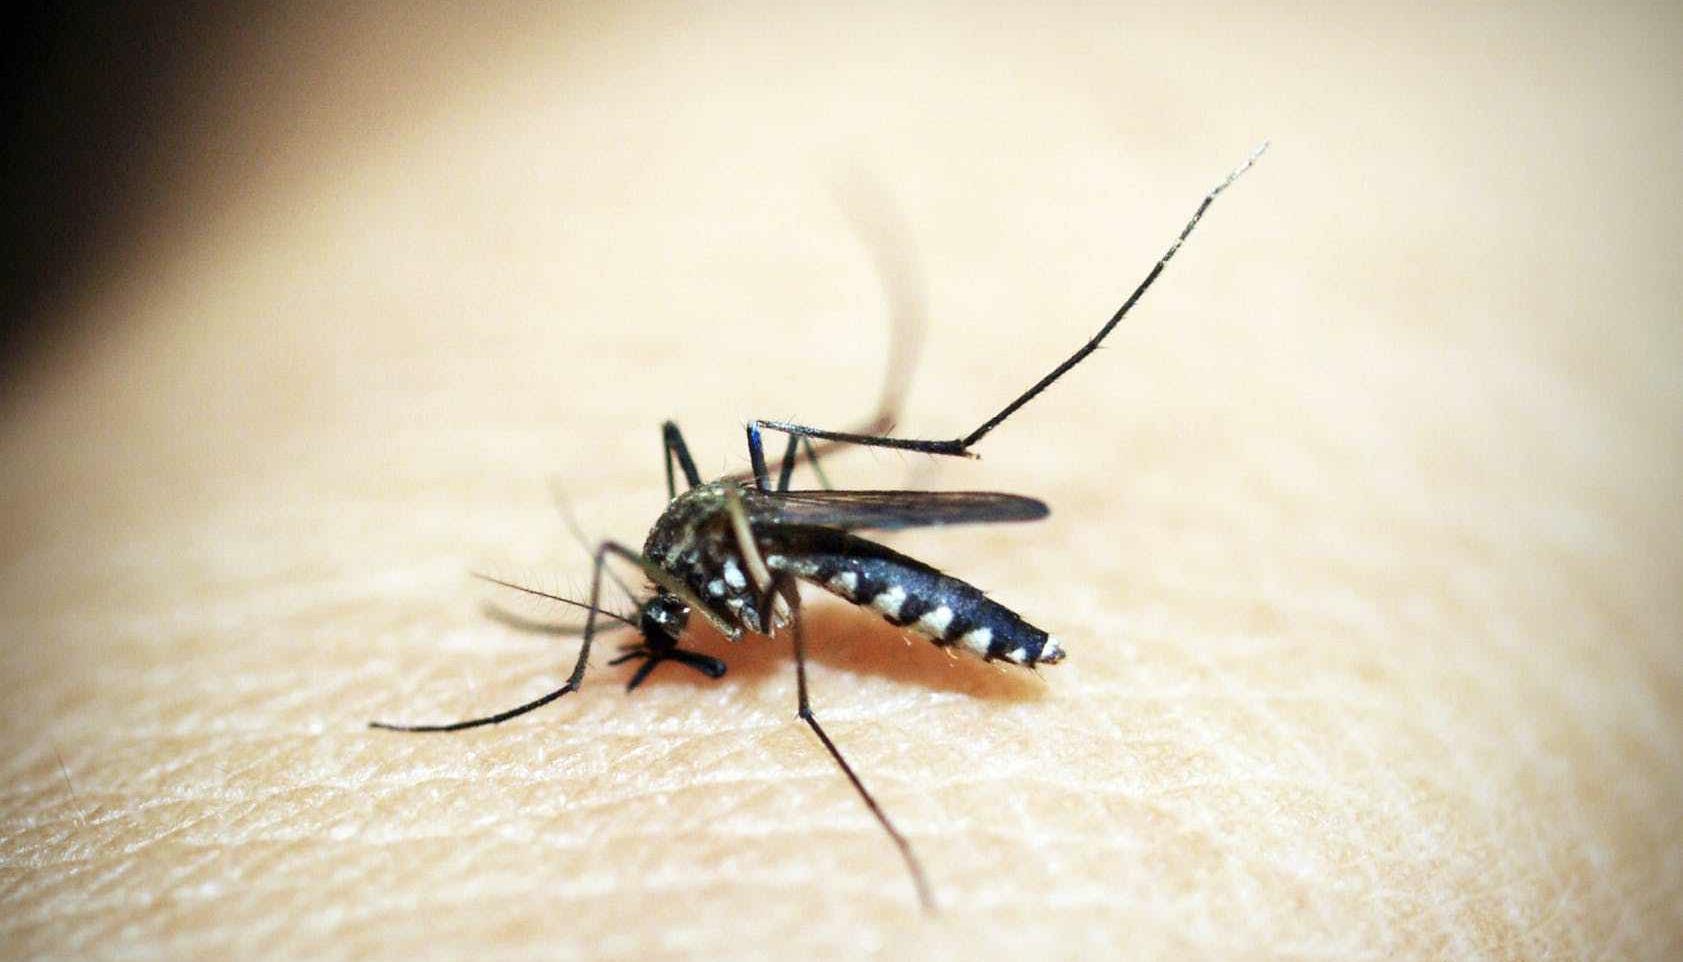 Аллерголог рассказала о вызывающих риск для здоровья укусах насекомых